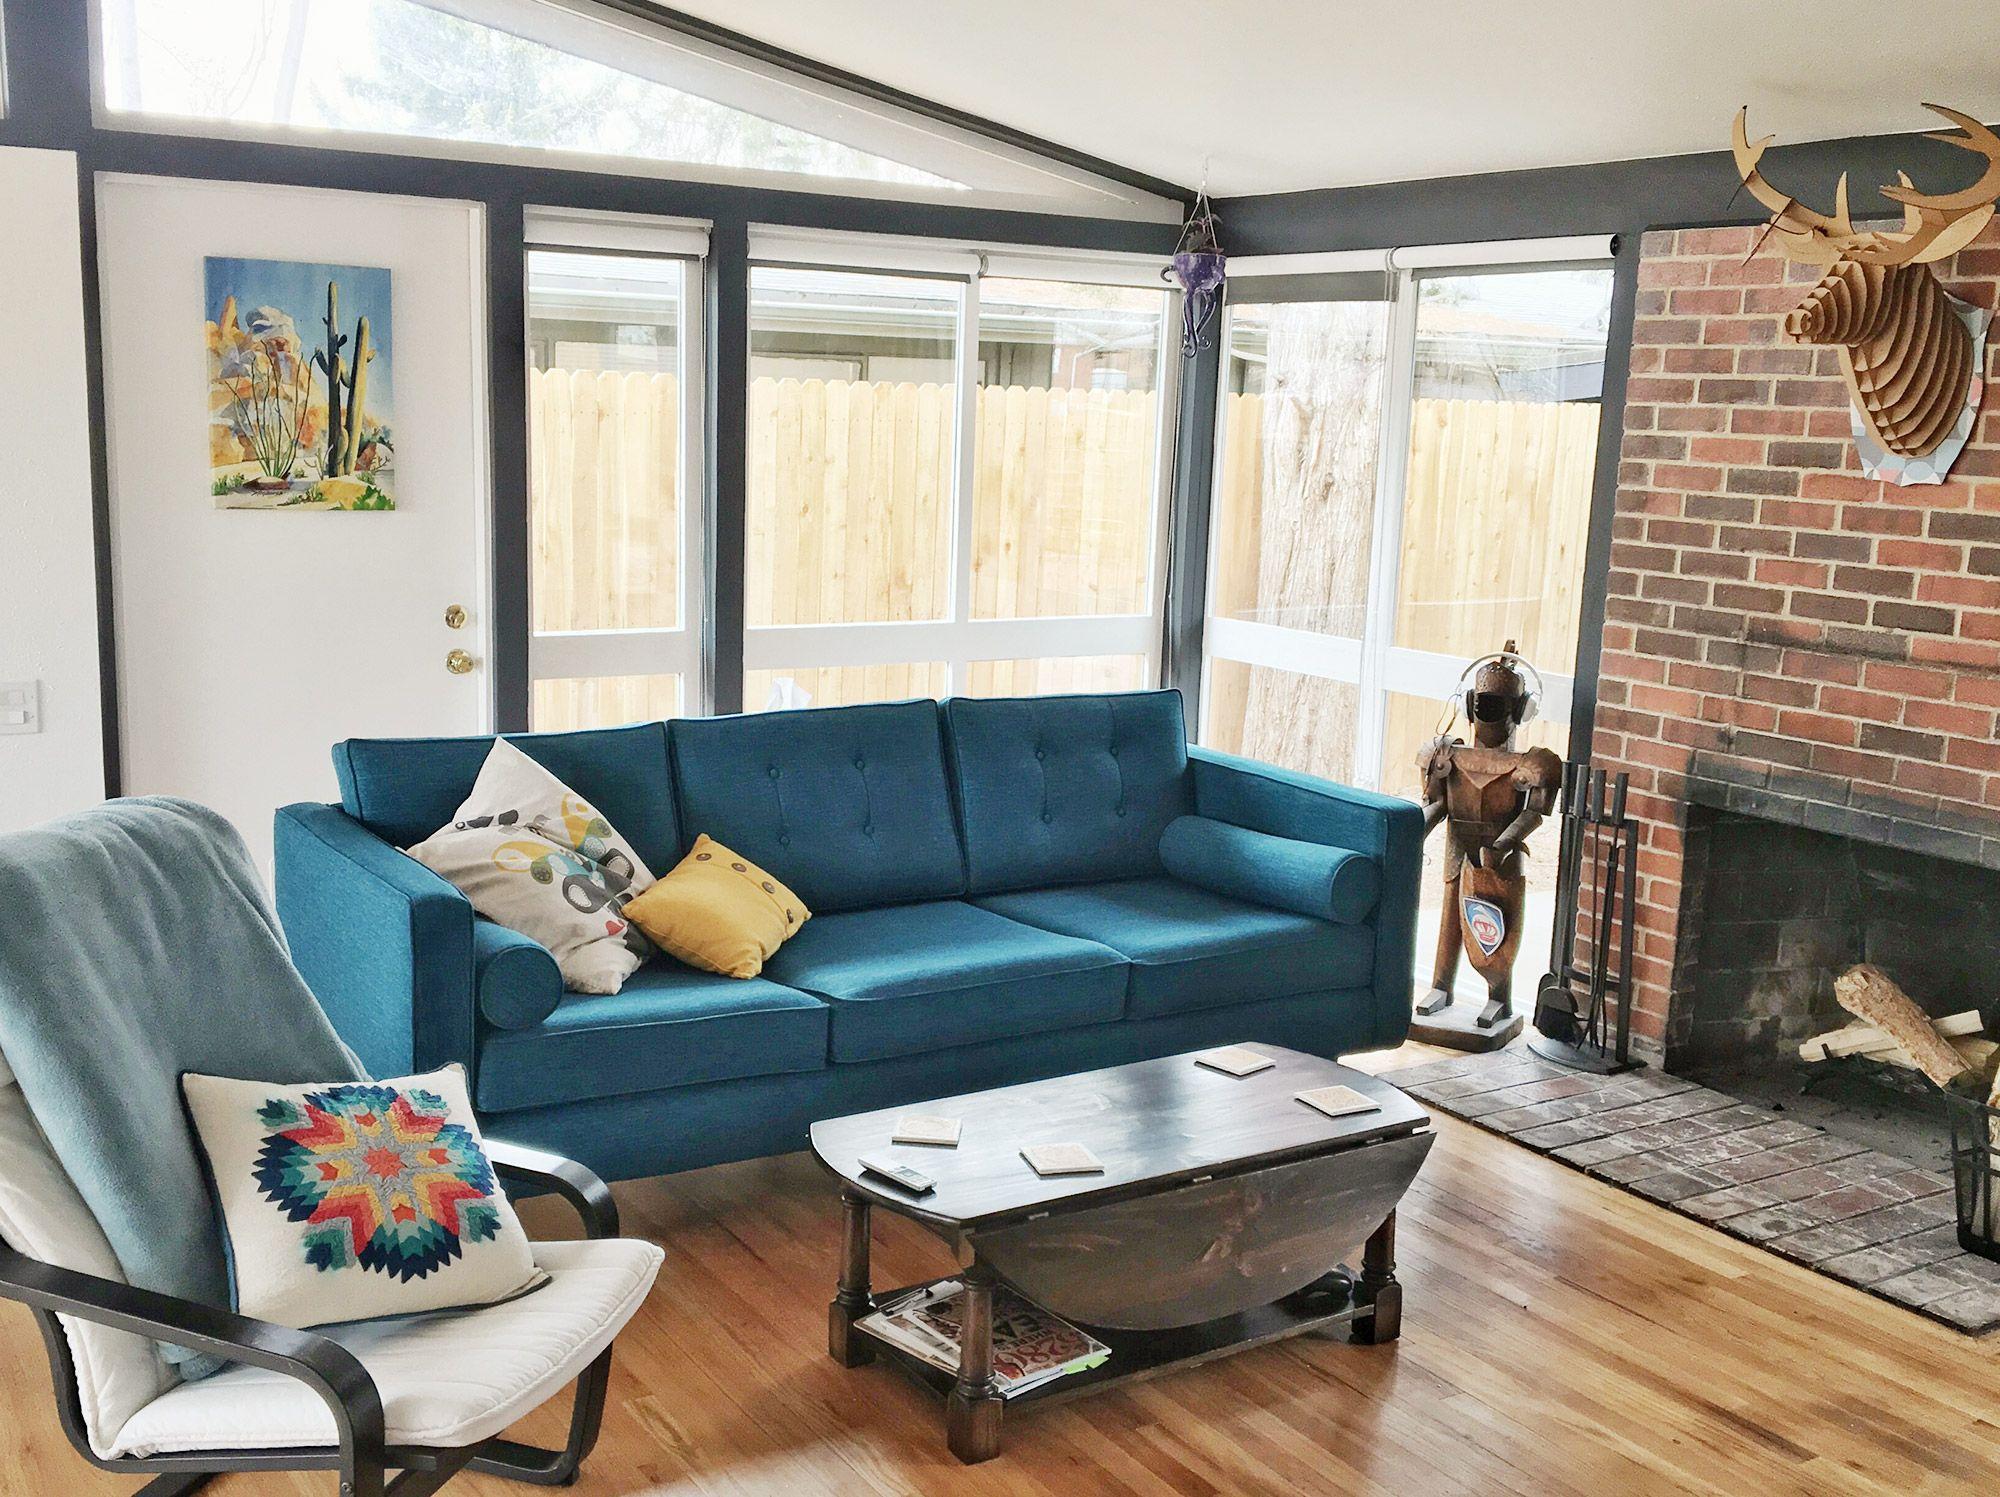 Joybird Braxton Sofa From Denny A.